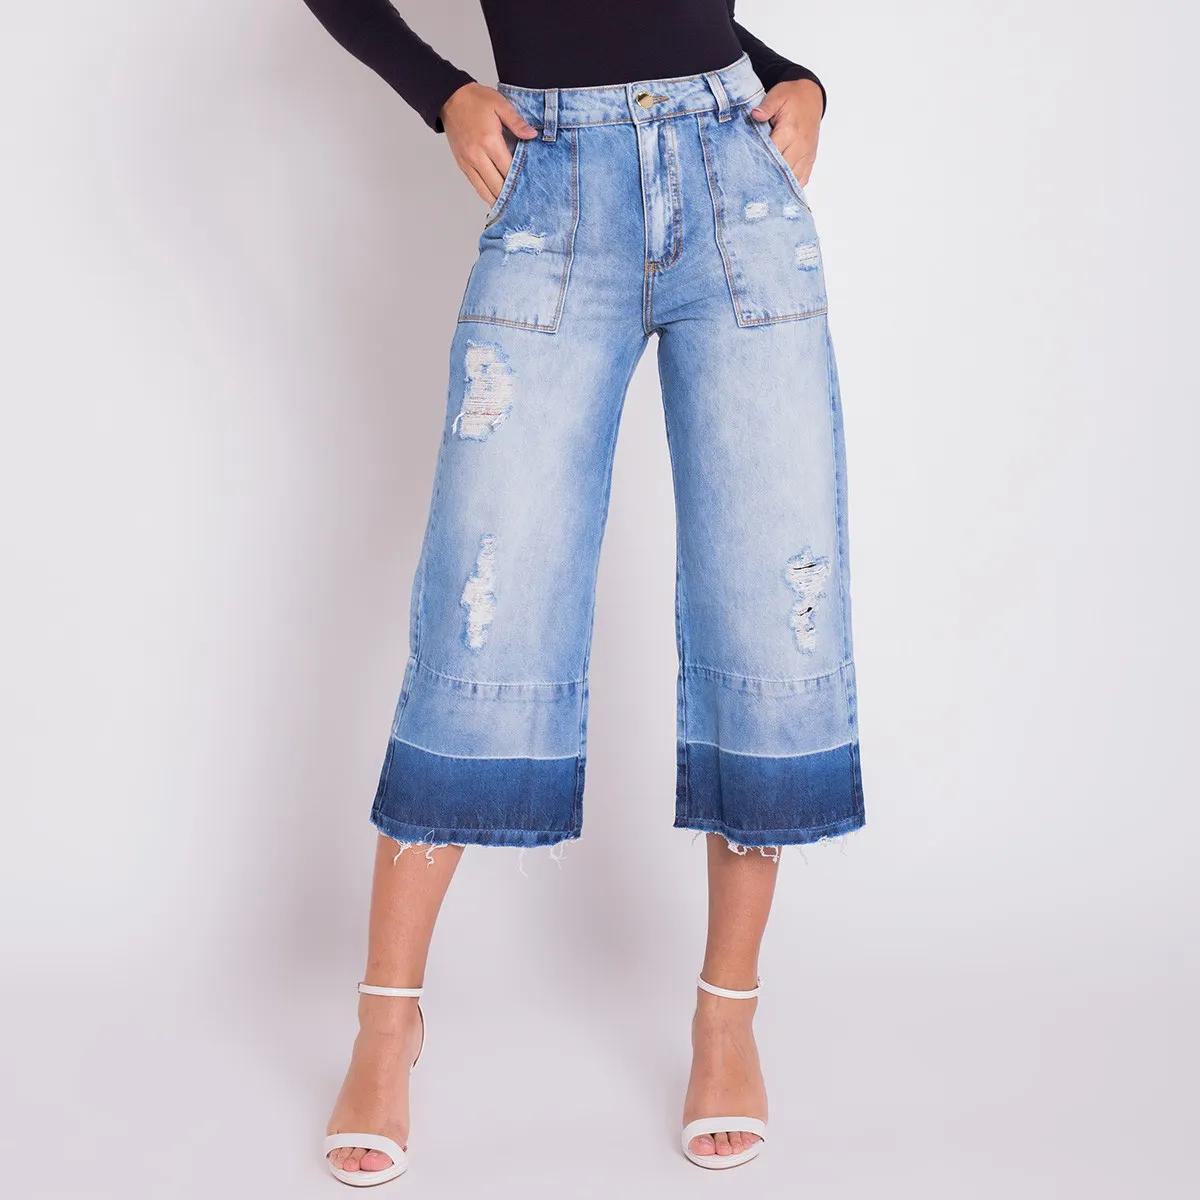 Calça Jeans Areazul Pantacourt Feminina